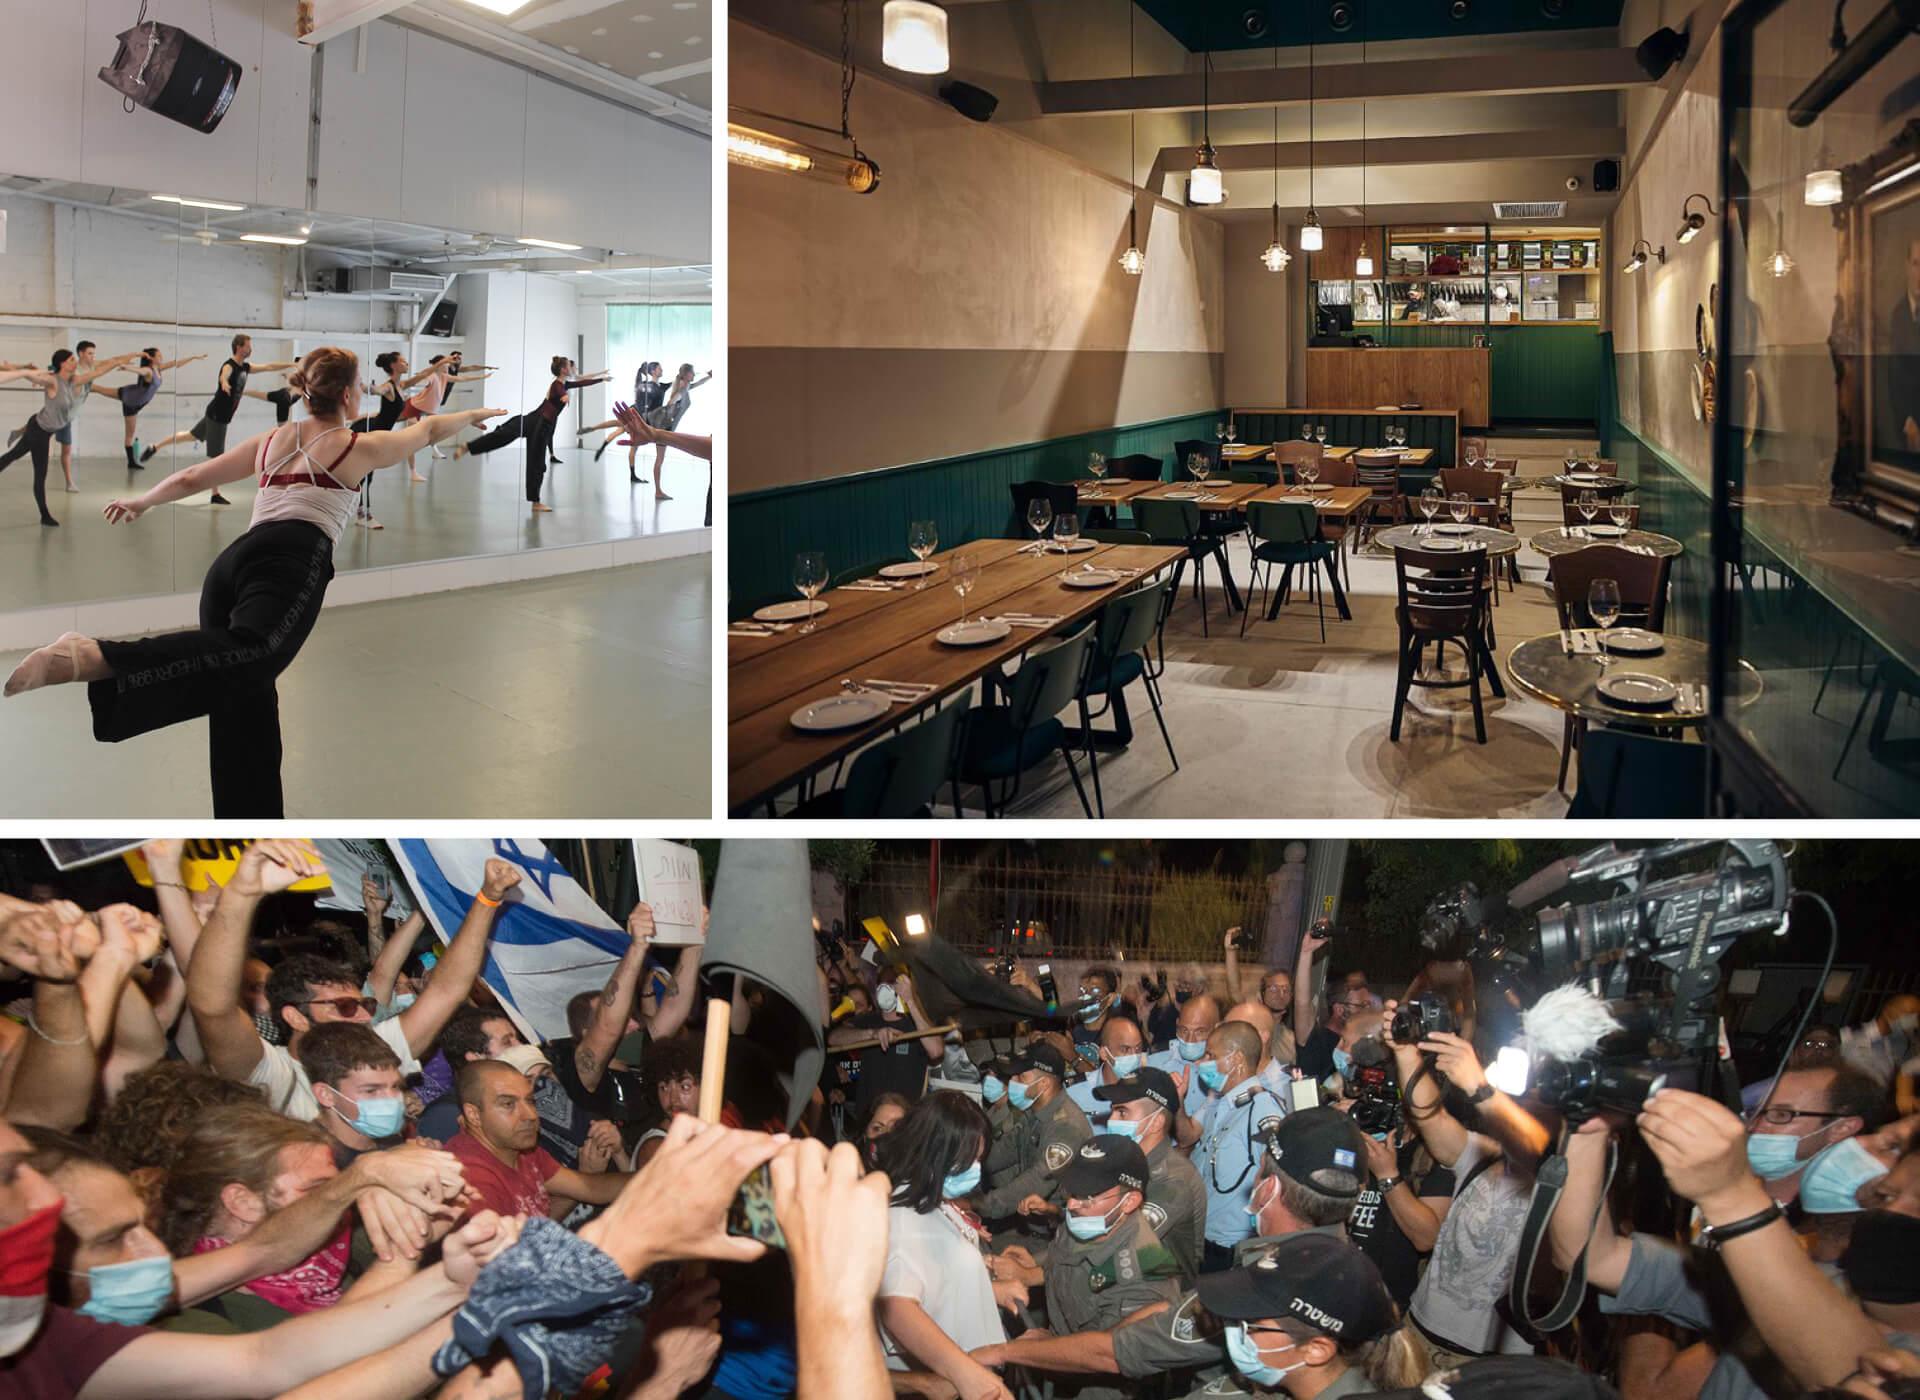 סטודיו נעים, מסעדת שיינע והפגנת מחאה. צילומים: דוד וינקור, מאיה בן נתן, אפיק גבאי